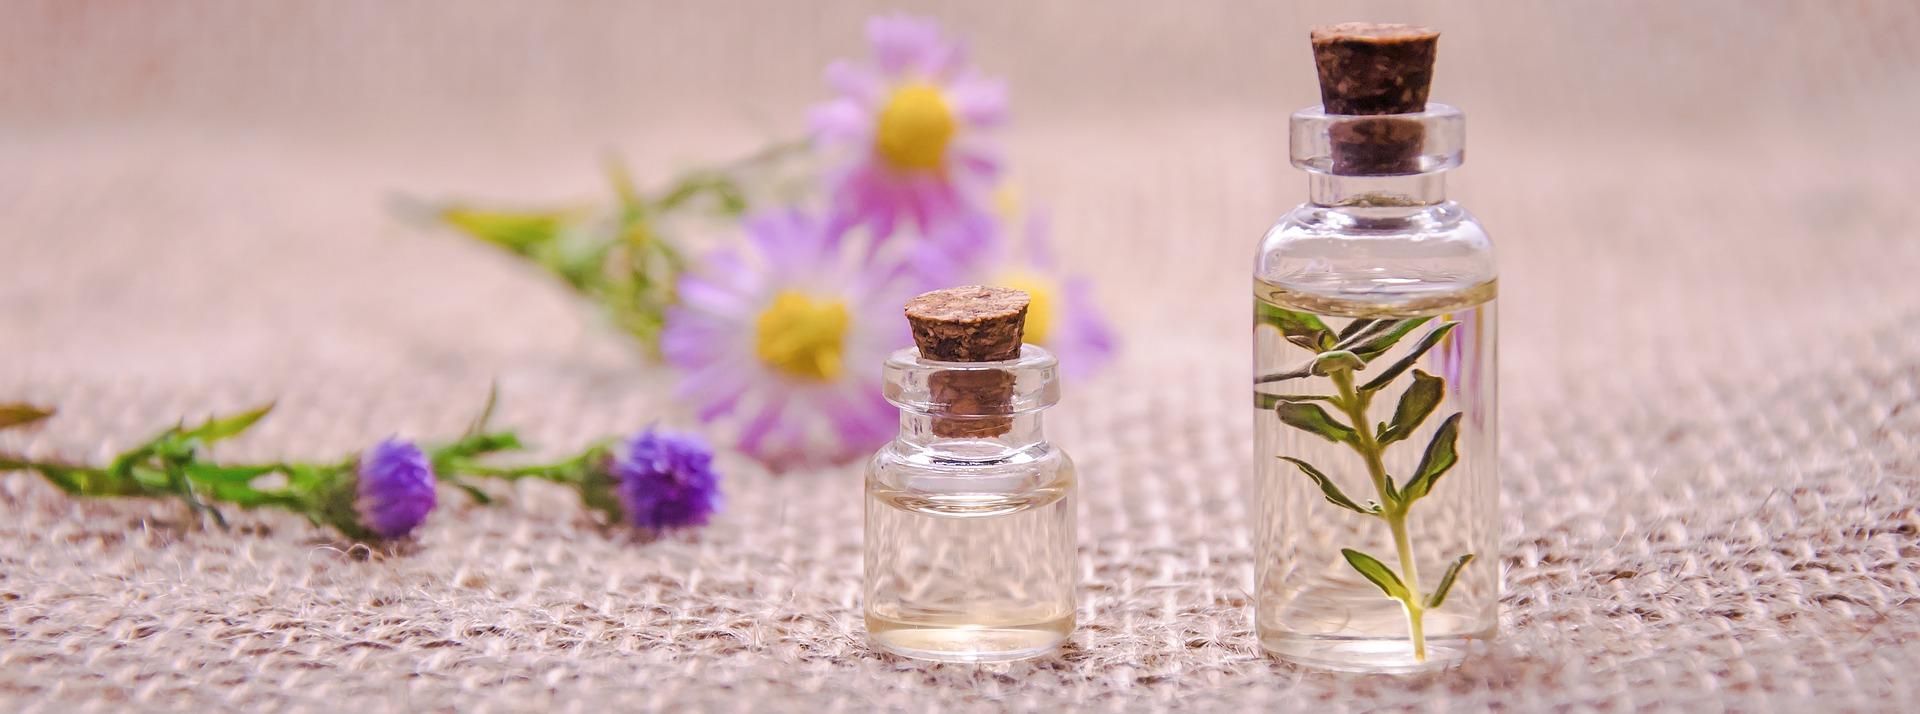 Bridal beauty treatments.jpg